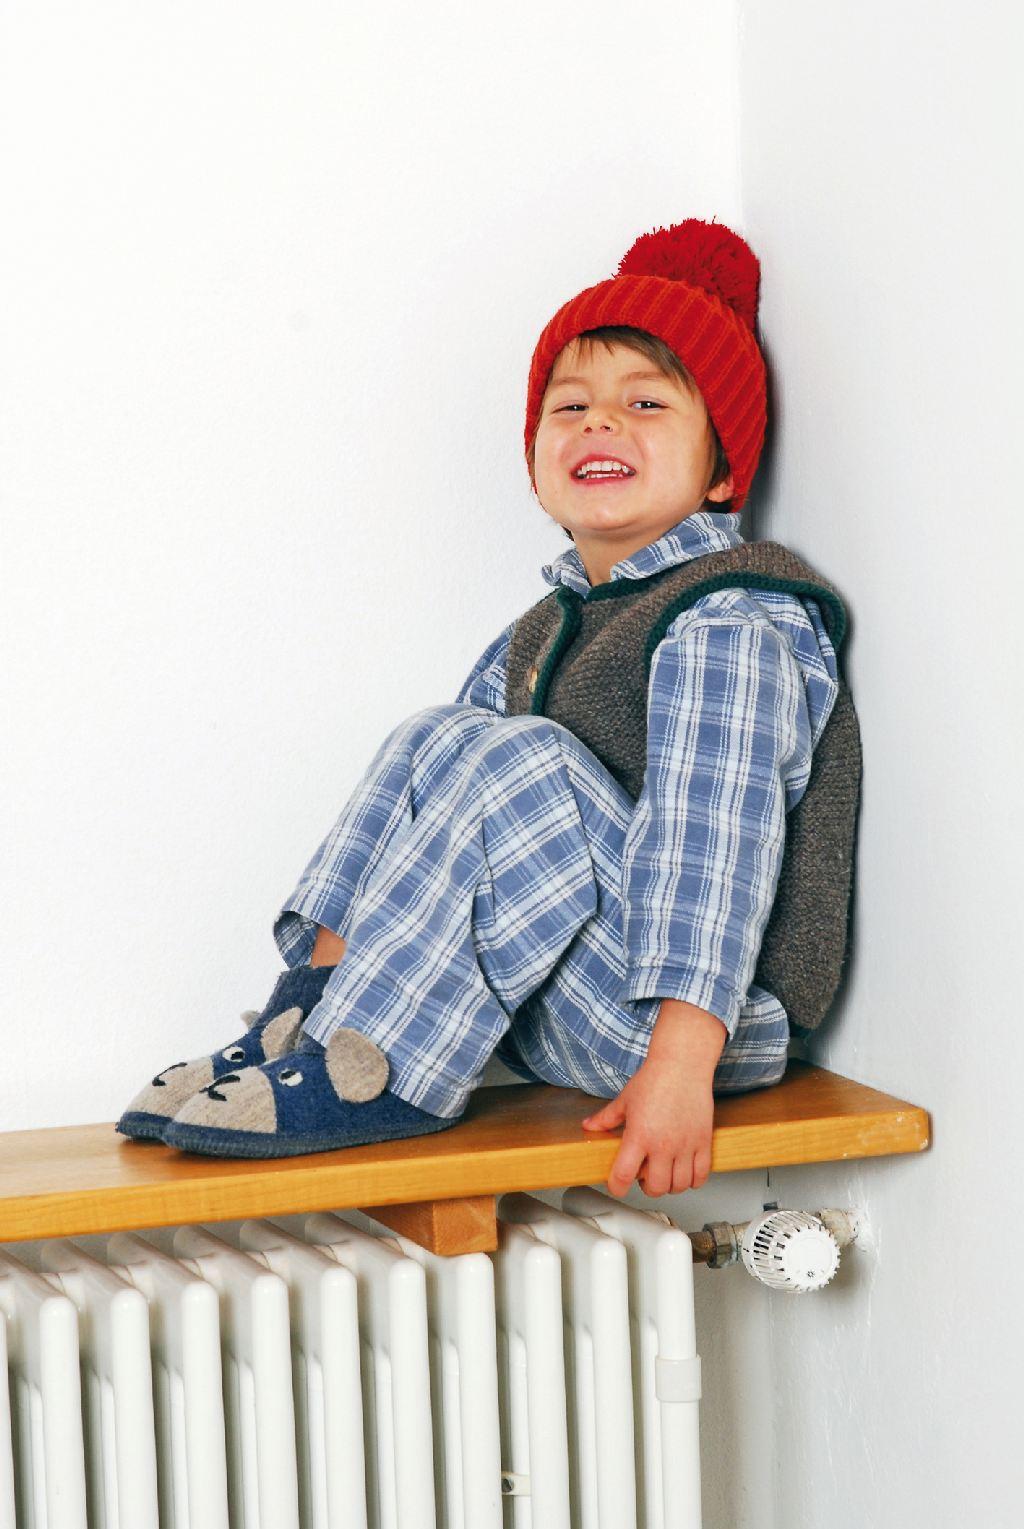 Ein Junge sitzt im Schlafanzug auf einem Heizkörper